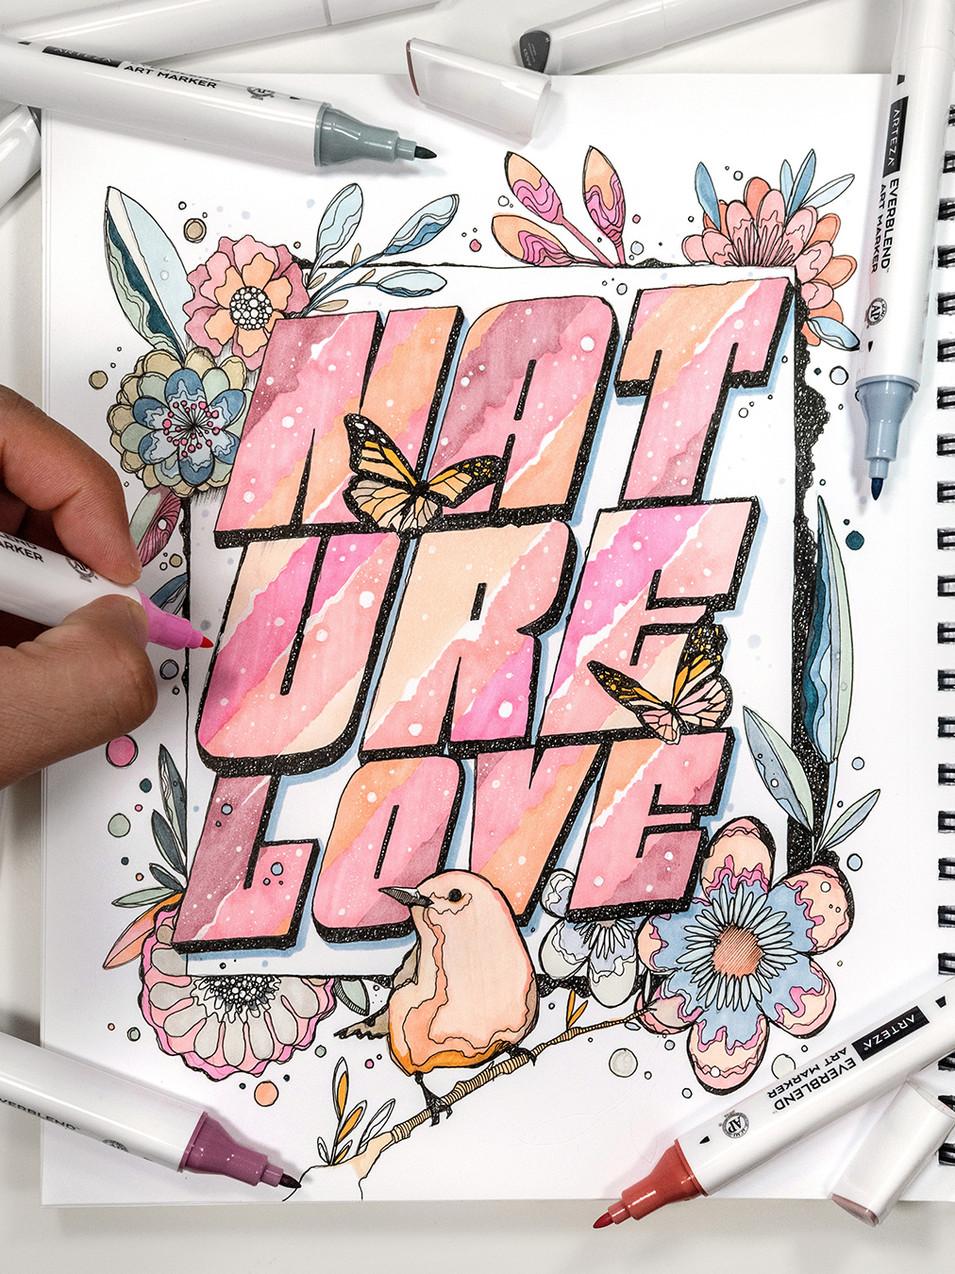 Juantastico_Blast_Arteza_NatureLove_2.jp